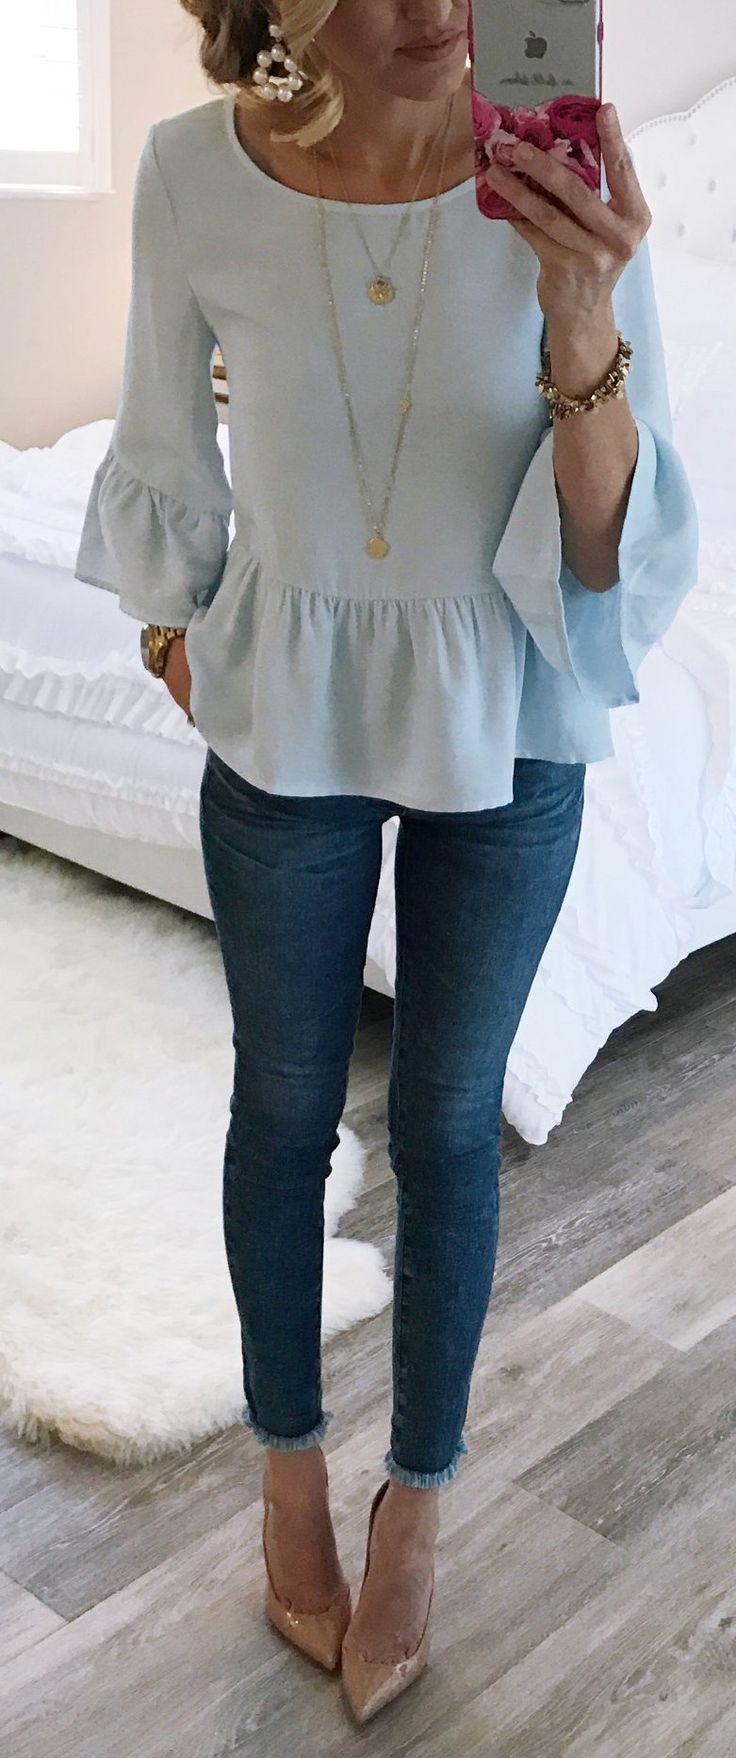 Blue Top & Navy Skinny Jeans & Beige Pumps